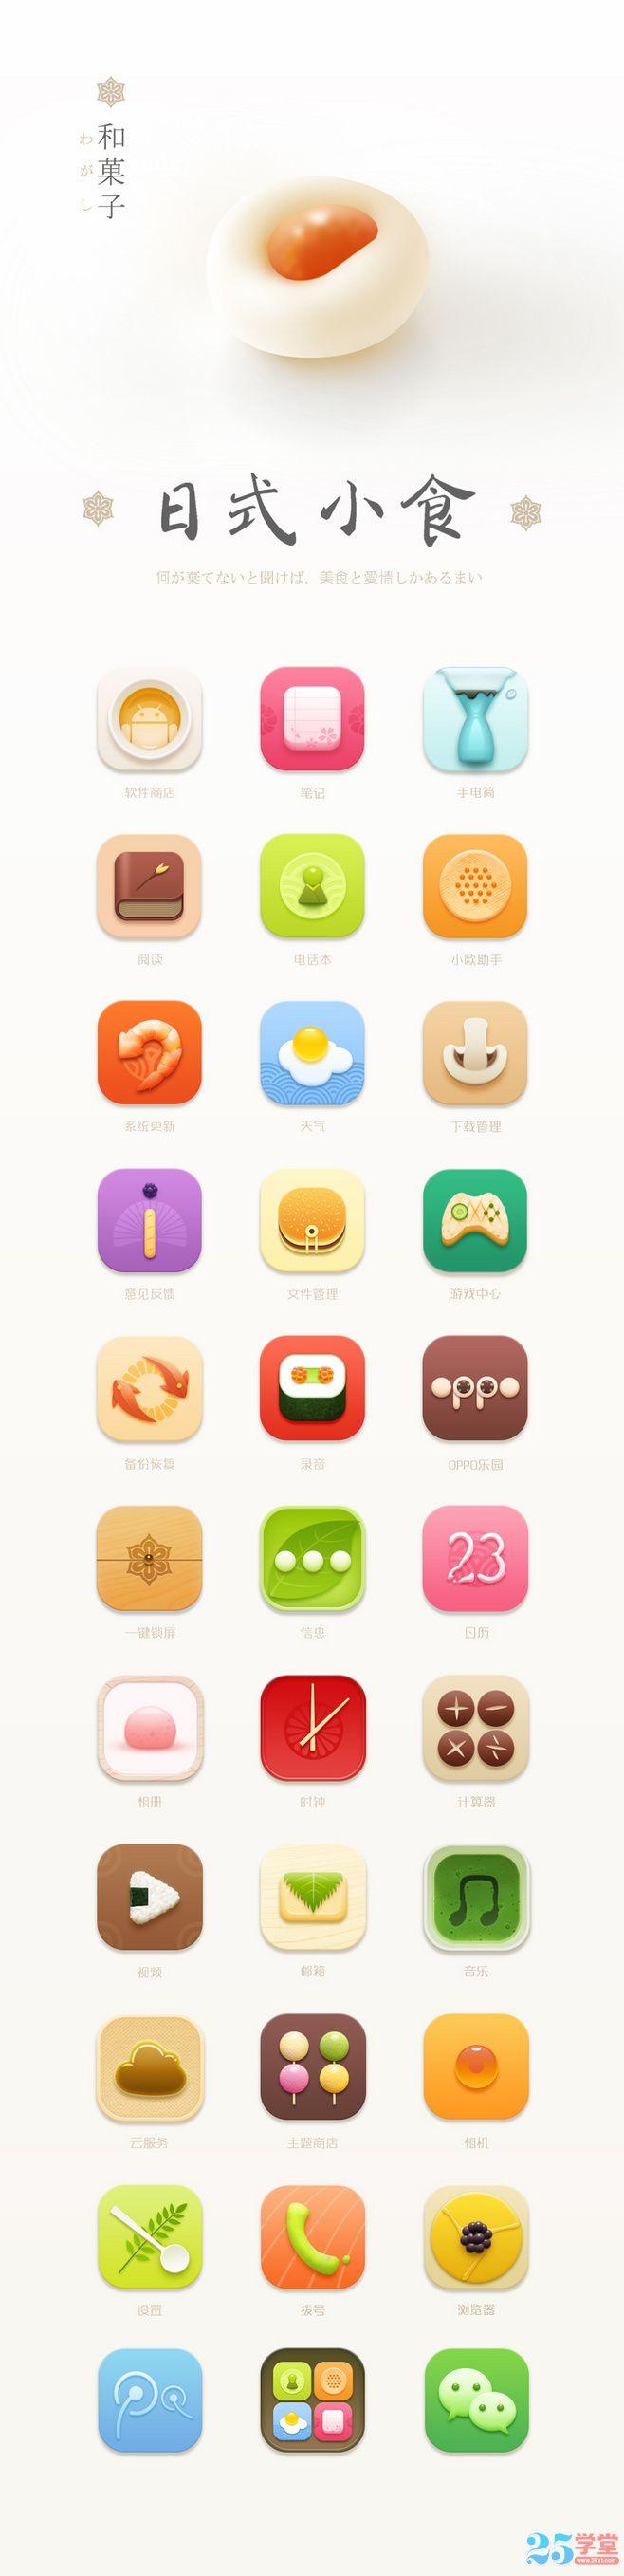 安卓手机主题界面设计欣赏